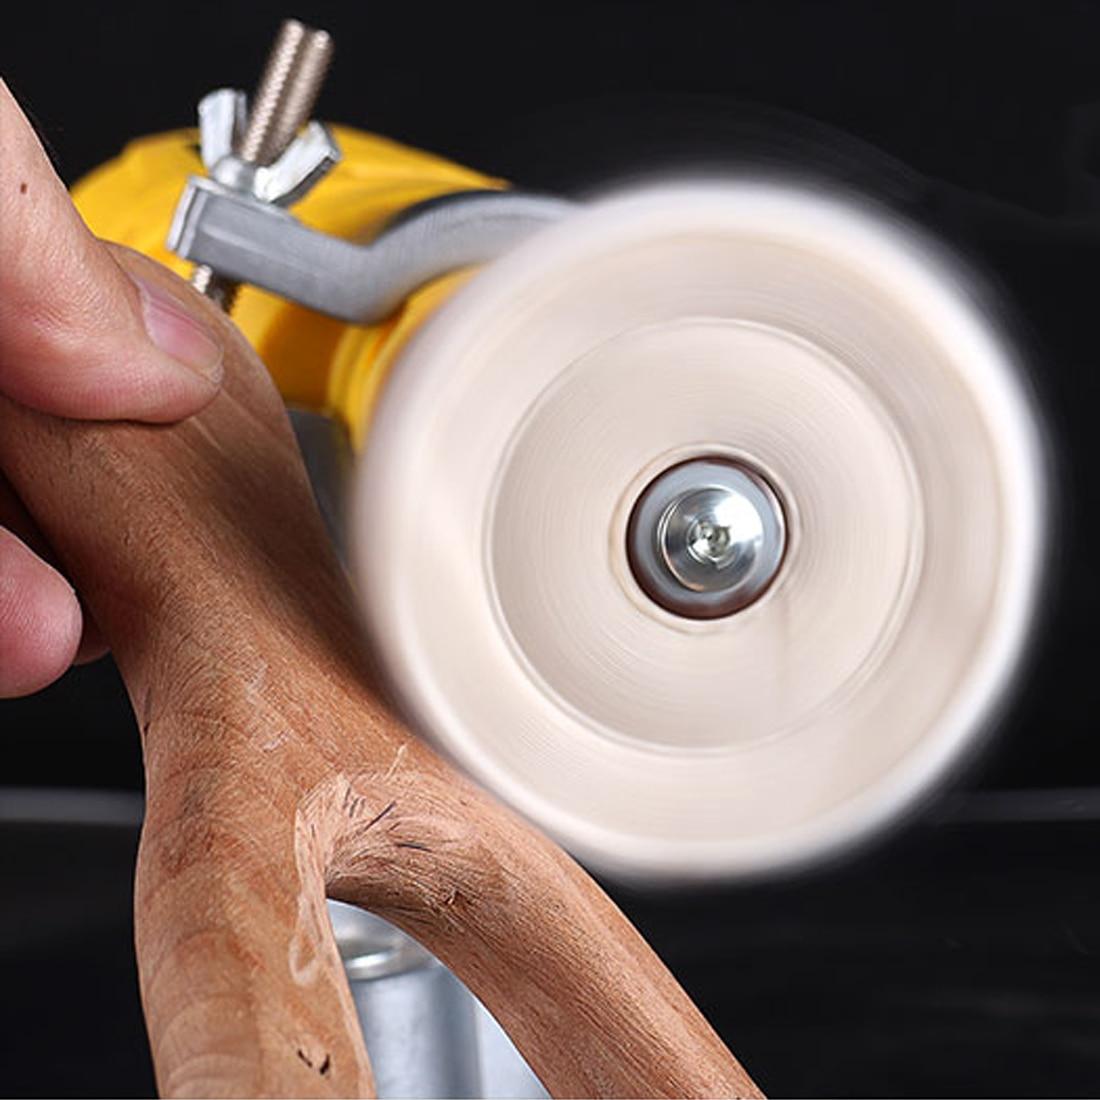 2-12 inch roți șlefuire lustruire roată bumbac scamă pânză roată șlefuire aur argint bijuterii oglindă roată lustruire